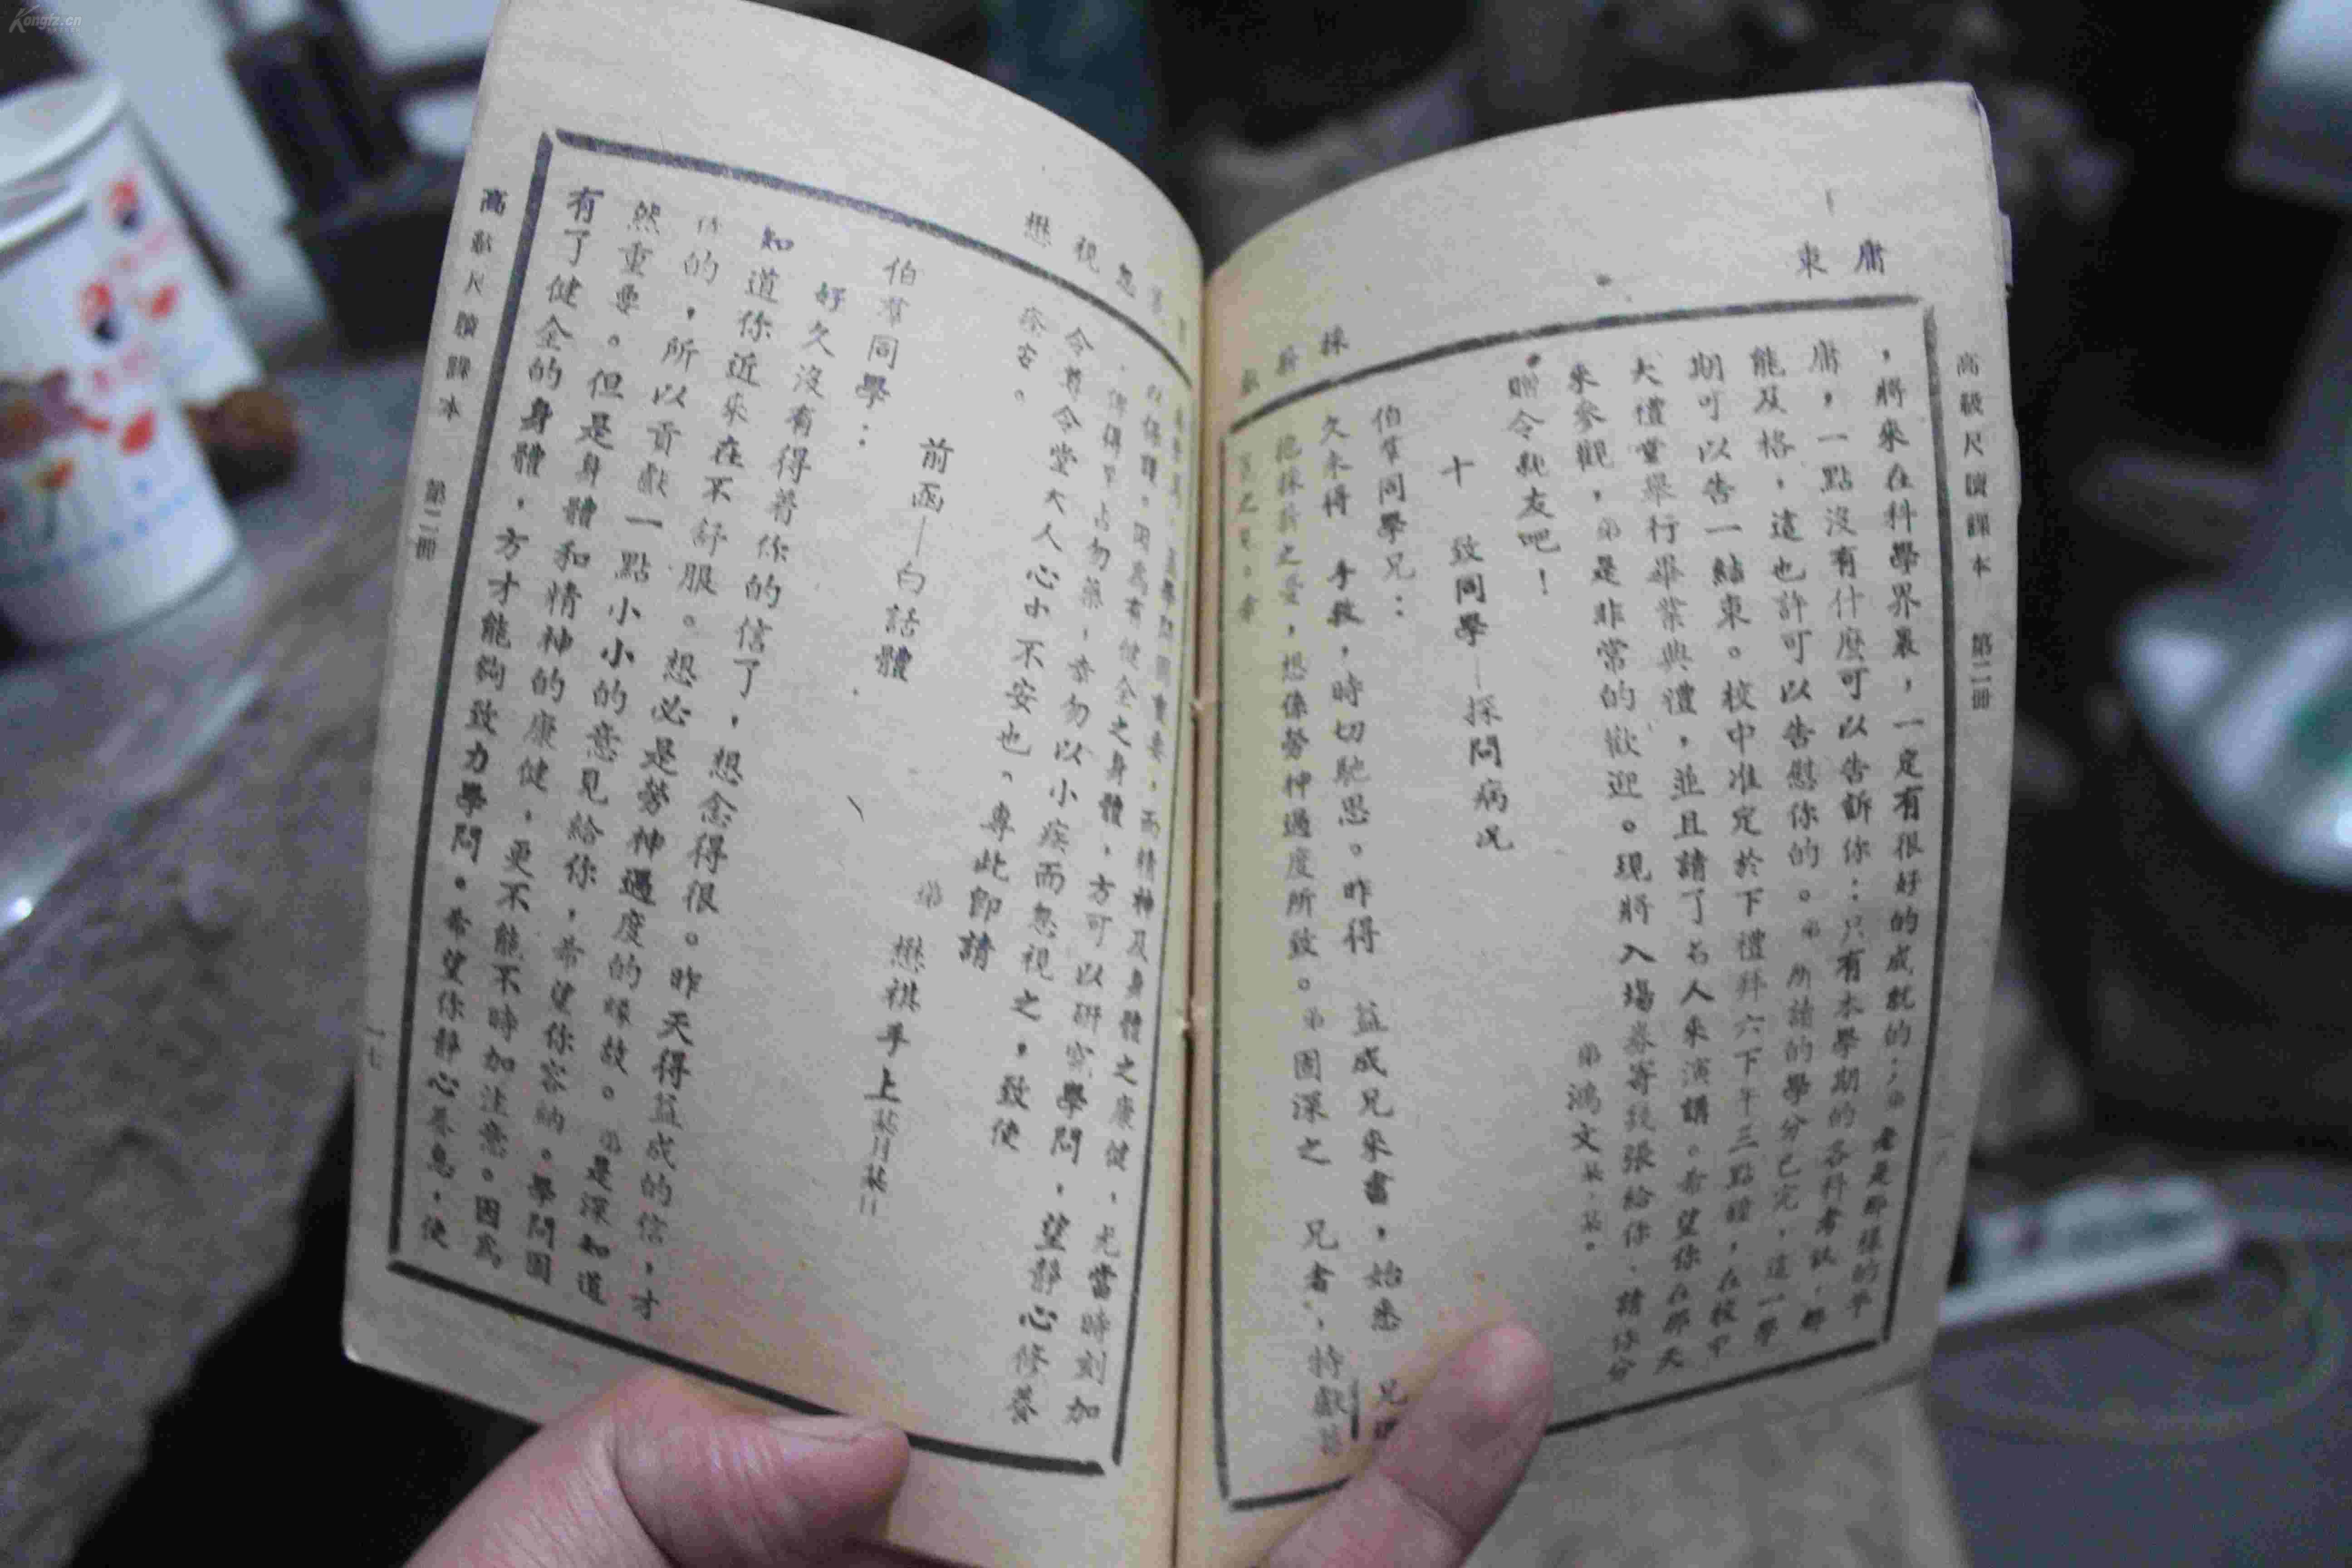 【图】民国旧书高级尺牍课本,里面内容丰富,教